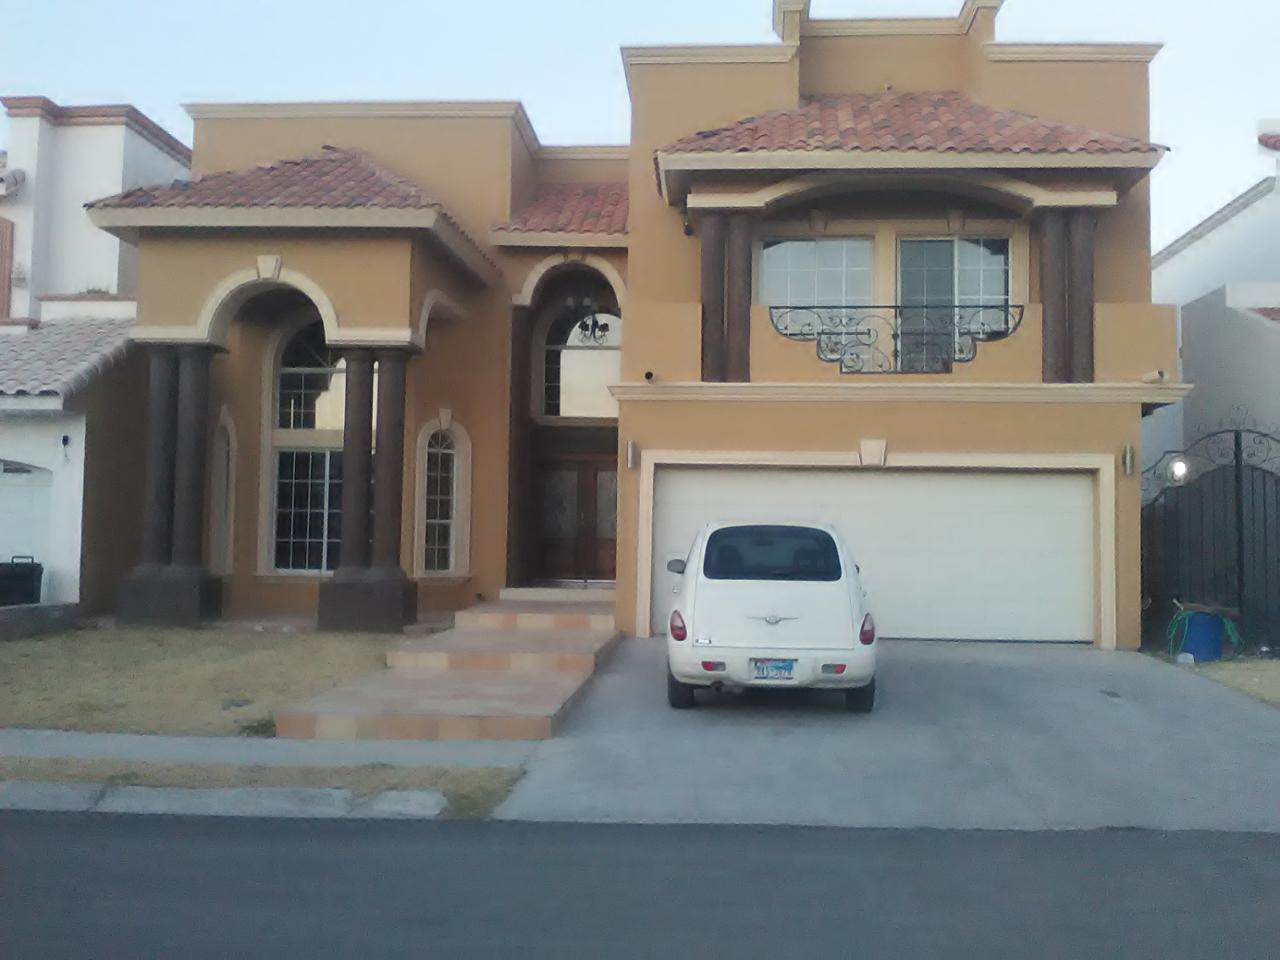 Casa en Renta Paseo Del Sol 9217 Fracc. Cerrada Del Sol, Ciudad Juárez, Chihuahua